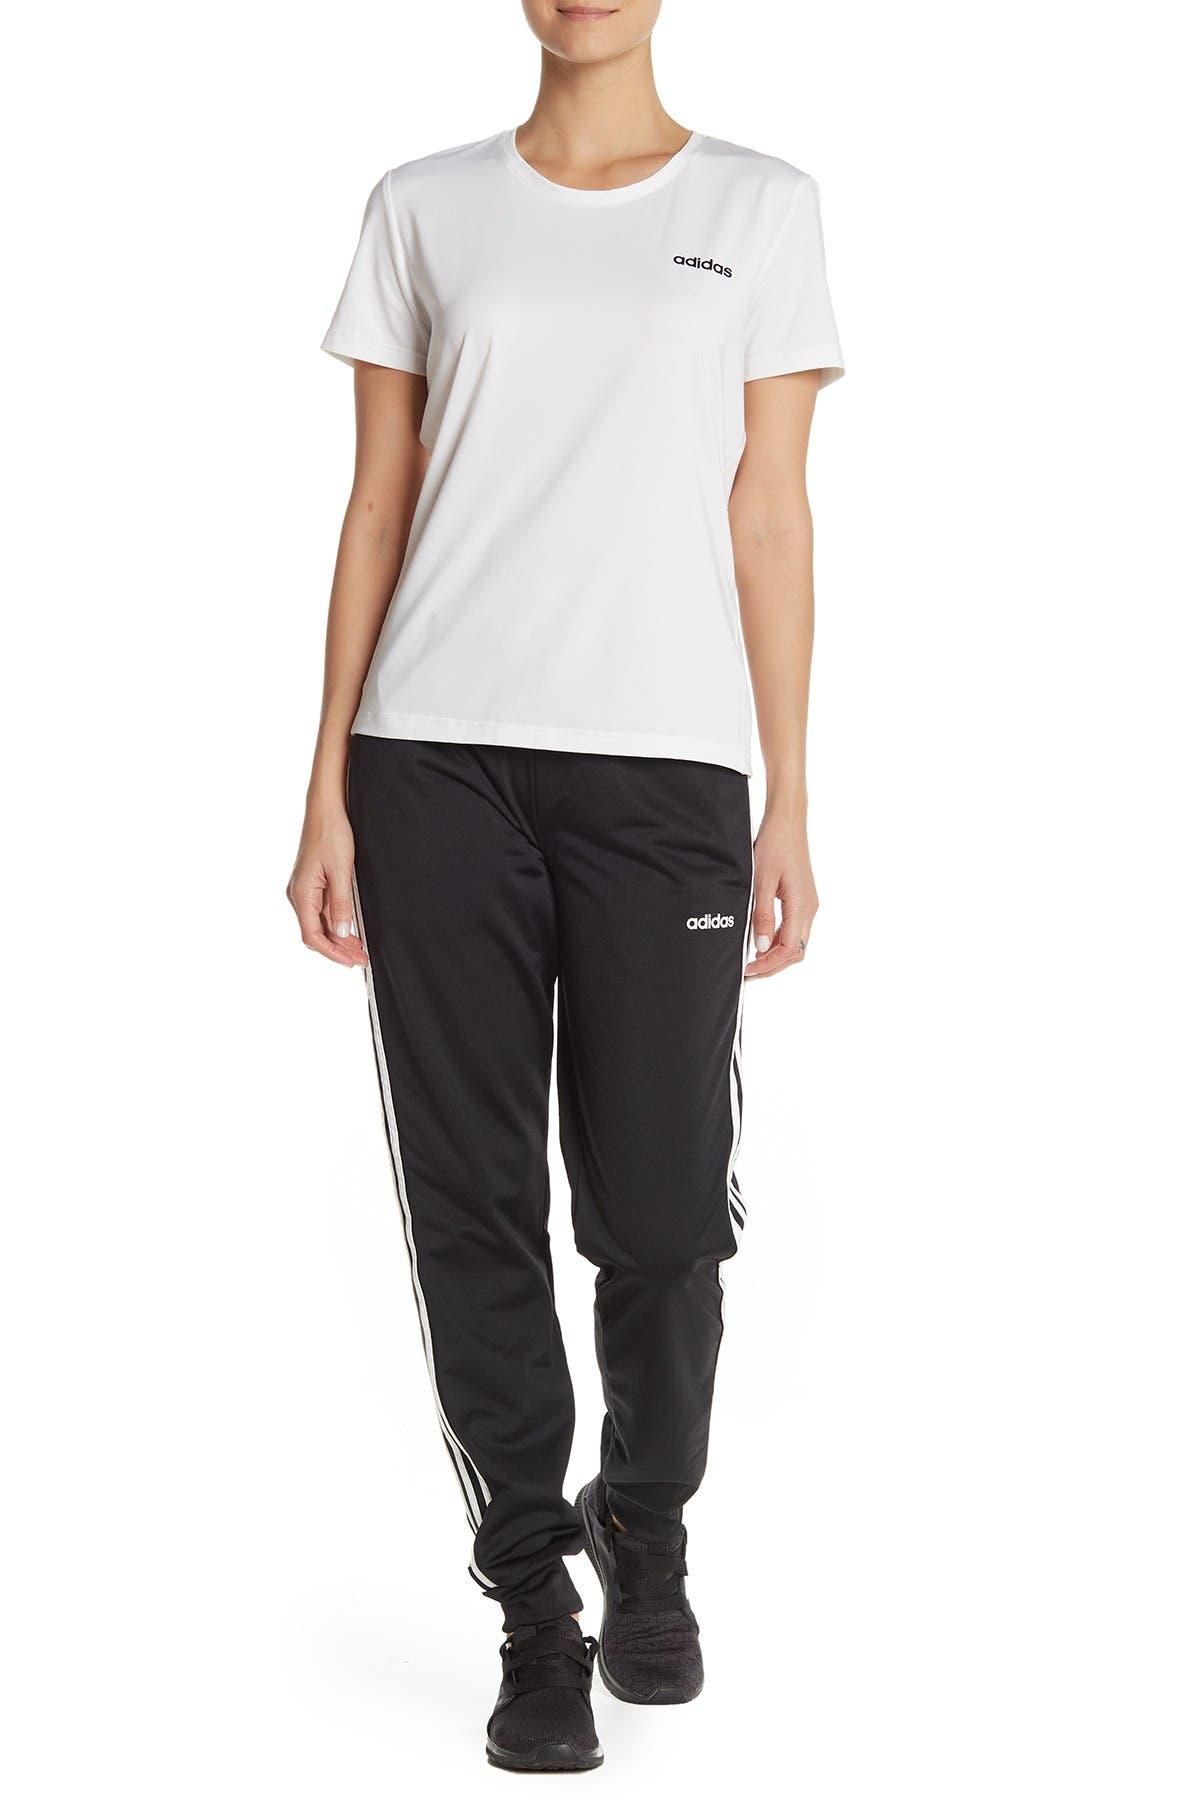 Image of adidas 3 Stripe Drawstring Pants